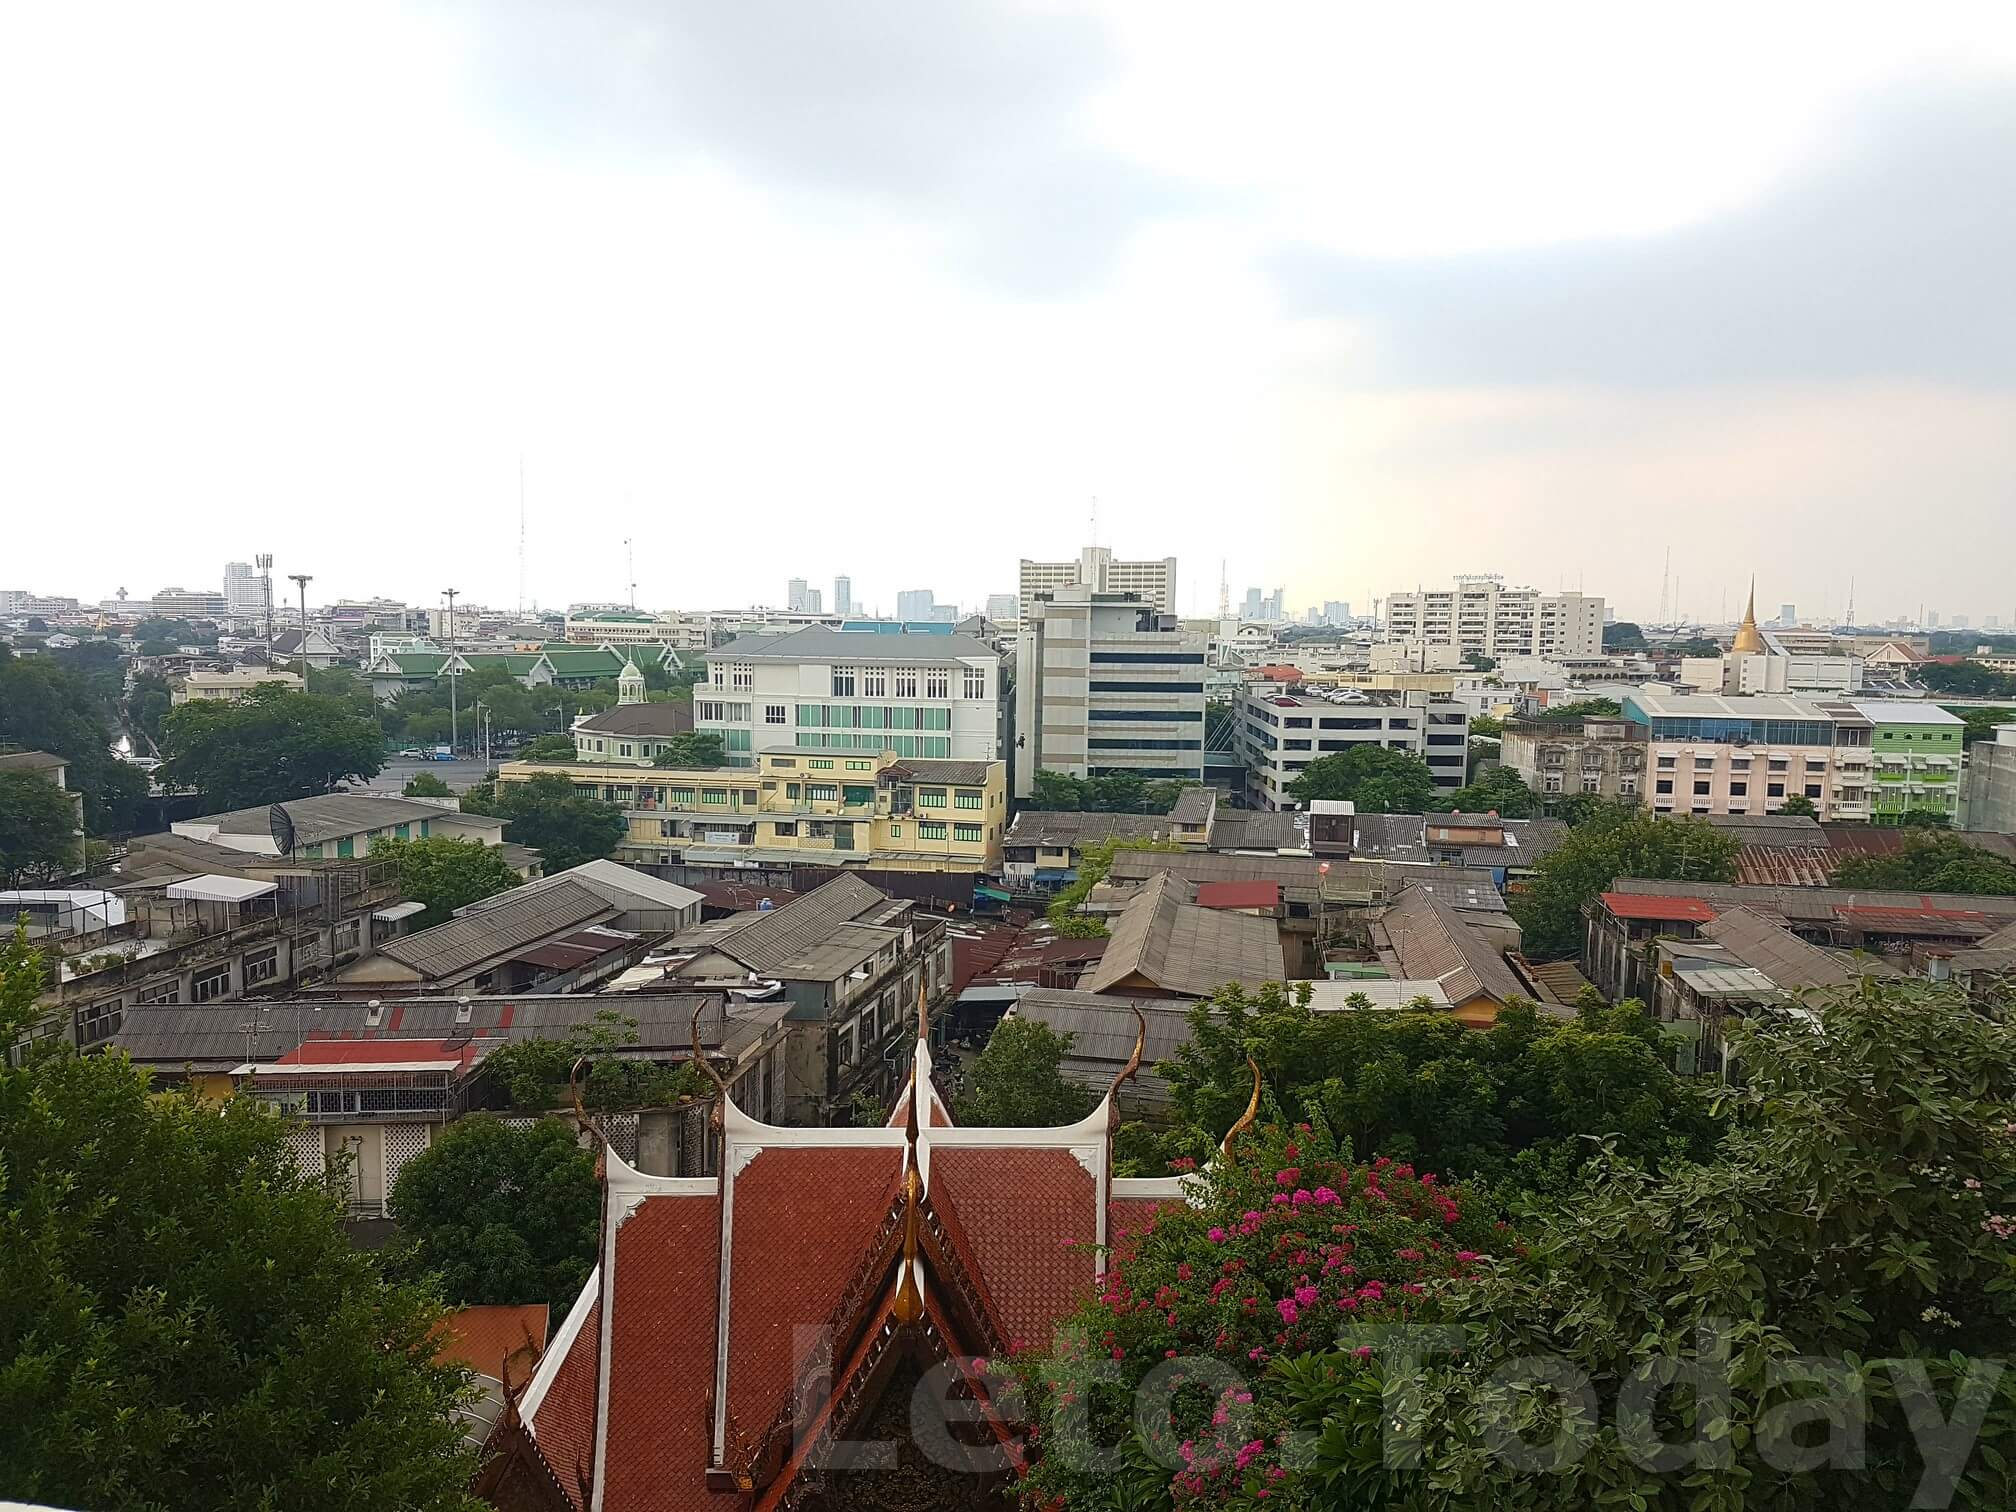 ват сакет leto.today (7) Обзорная площадка в Бангкоке - Ват Сакет